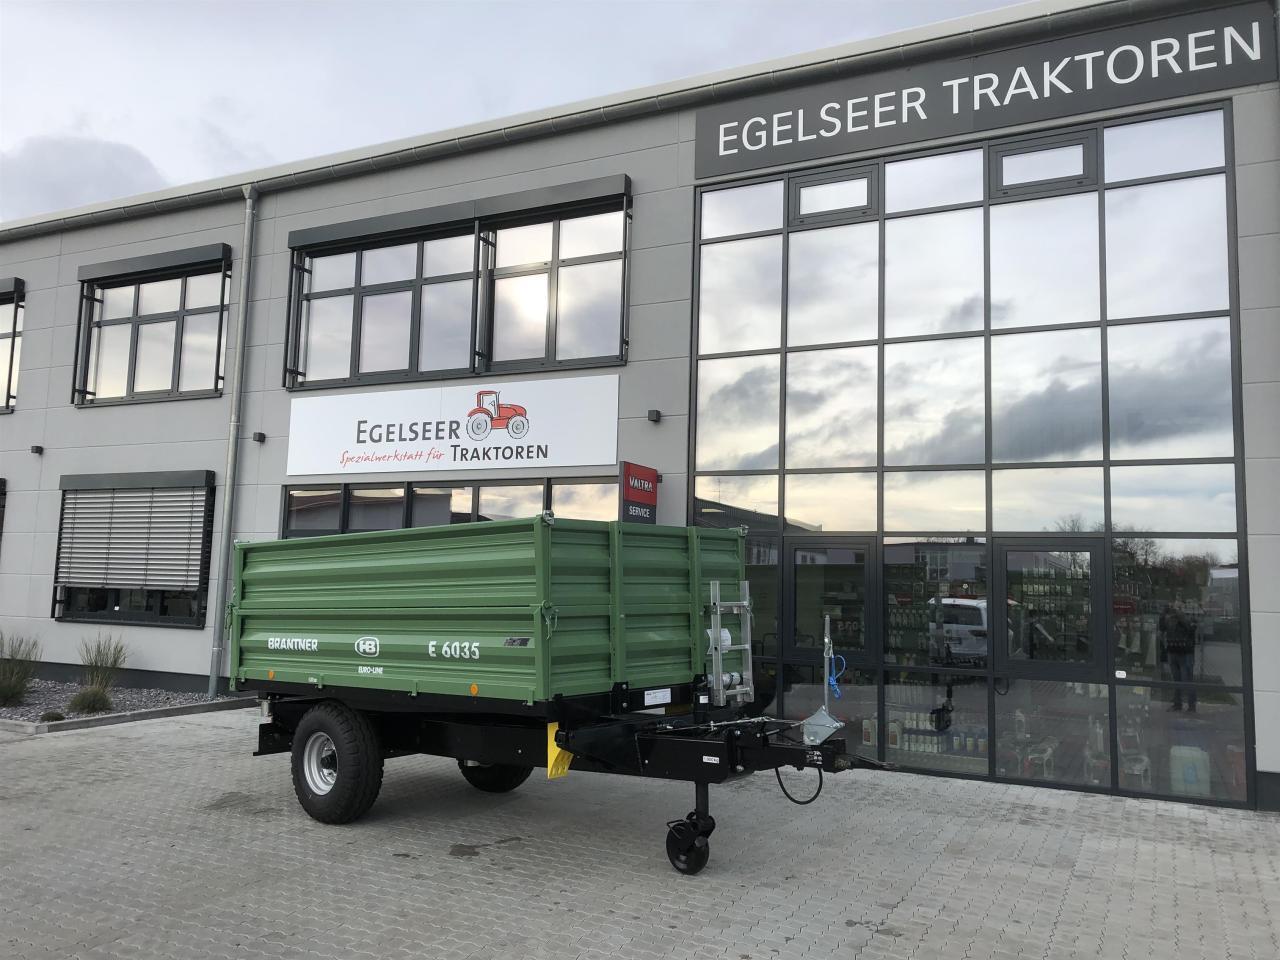 Brantner Dreiseitenkipper E 6035 Euro-Line